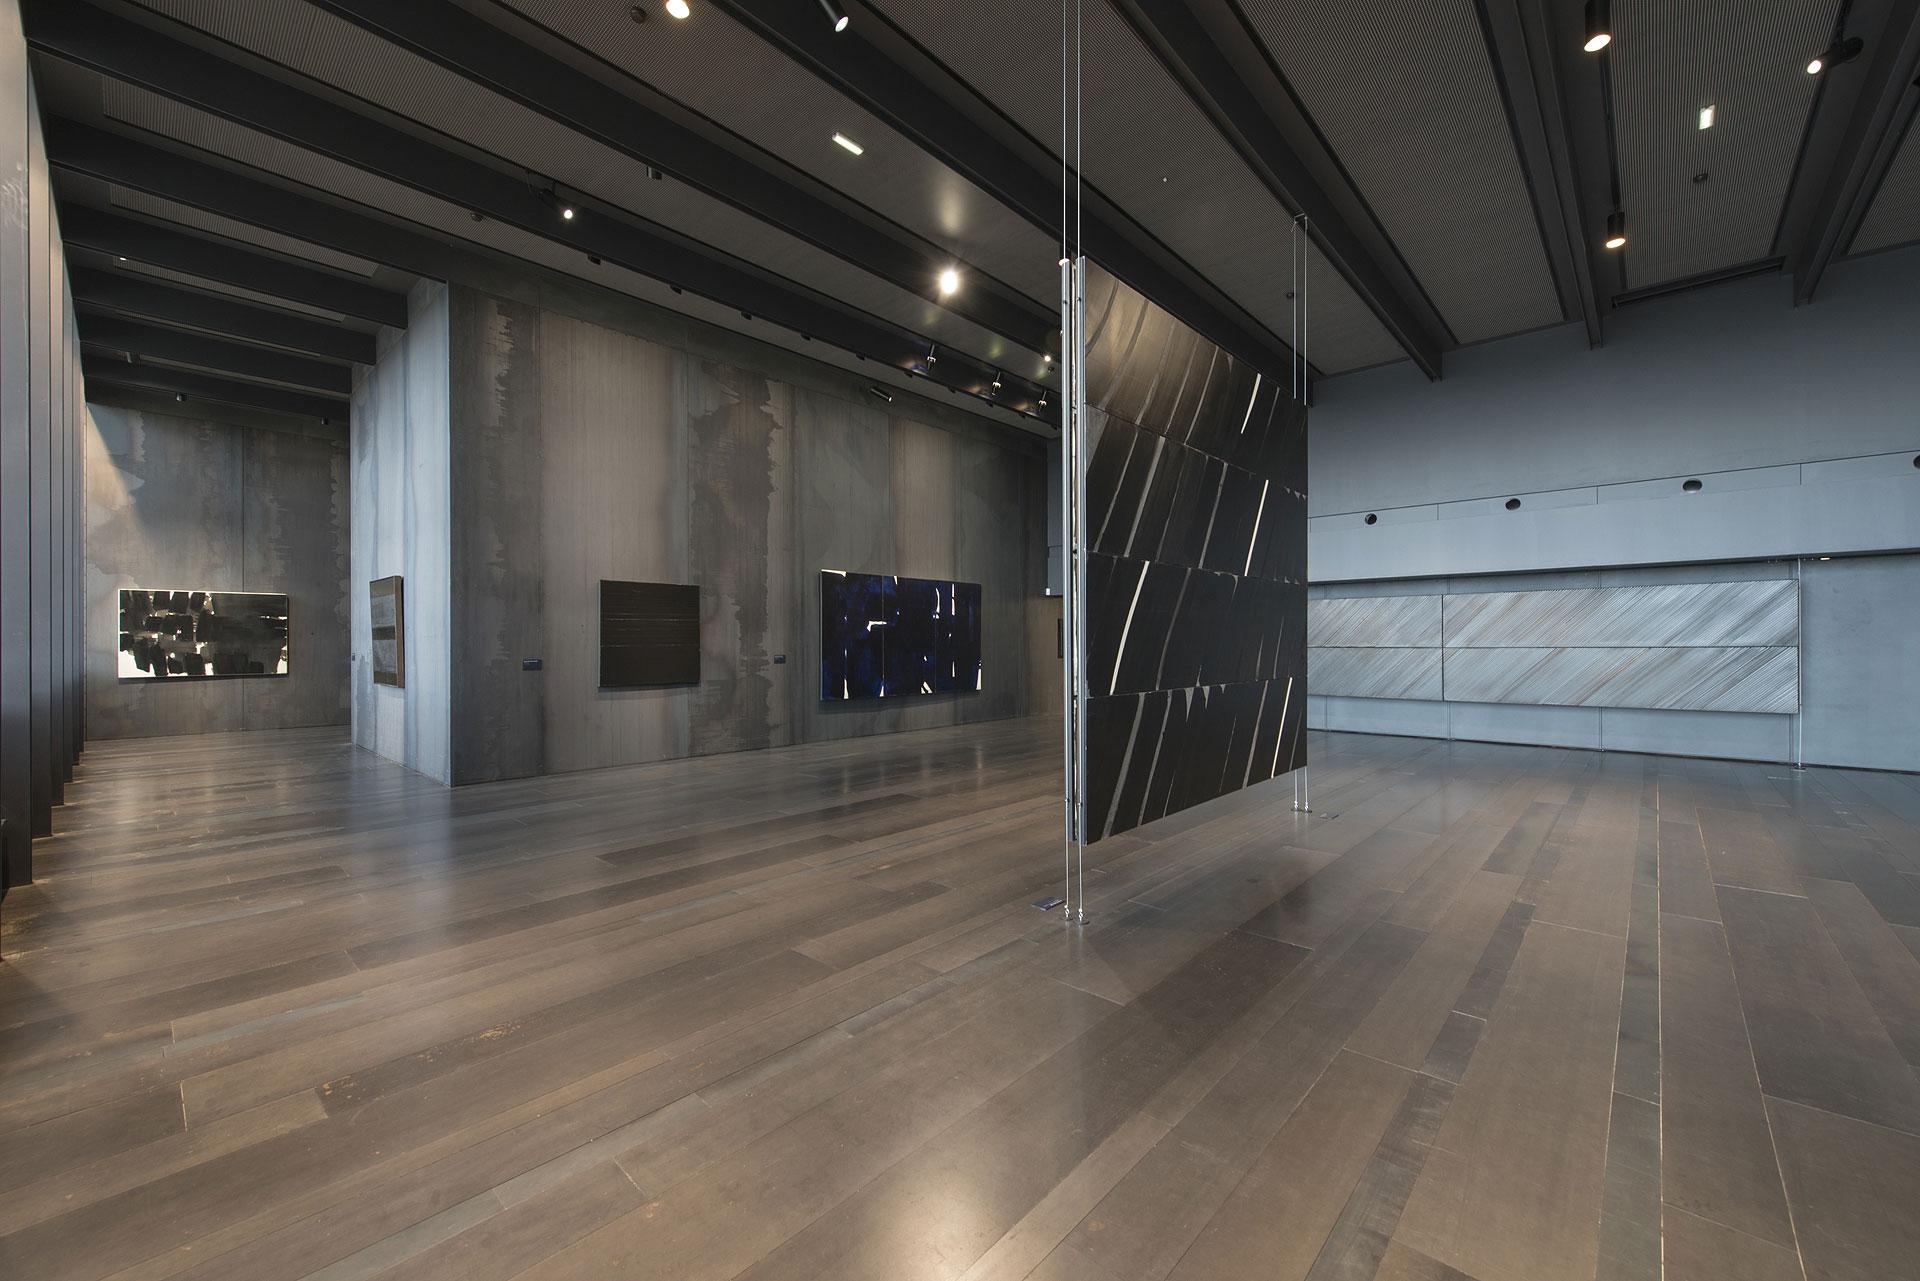 mus e soulages maffre architectural workshop. Black Bedroom Furniture Sets. Home Design Ideas